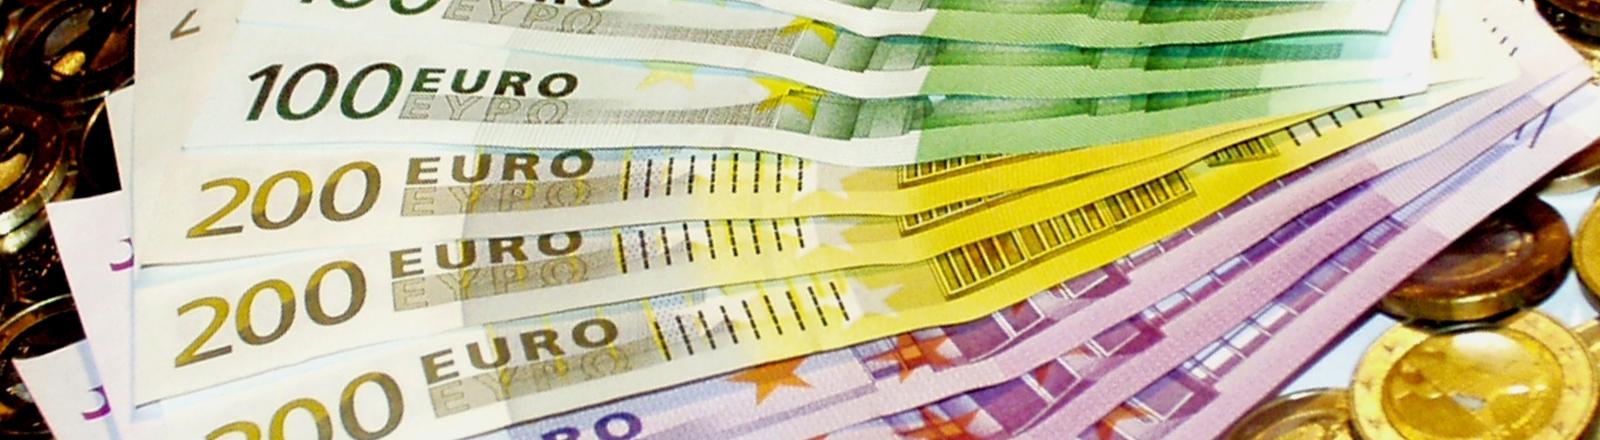 Mehrere Euro-Scheine auf einem Haufen.